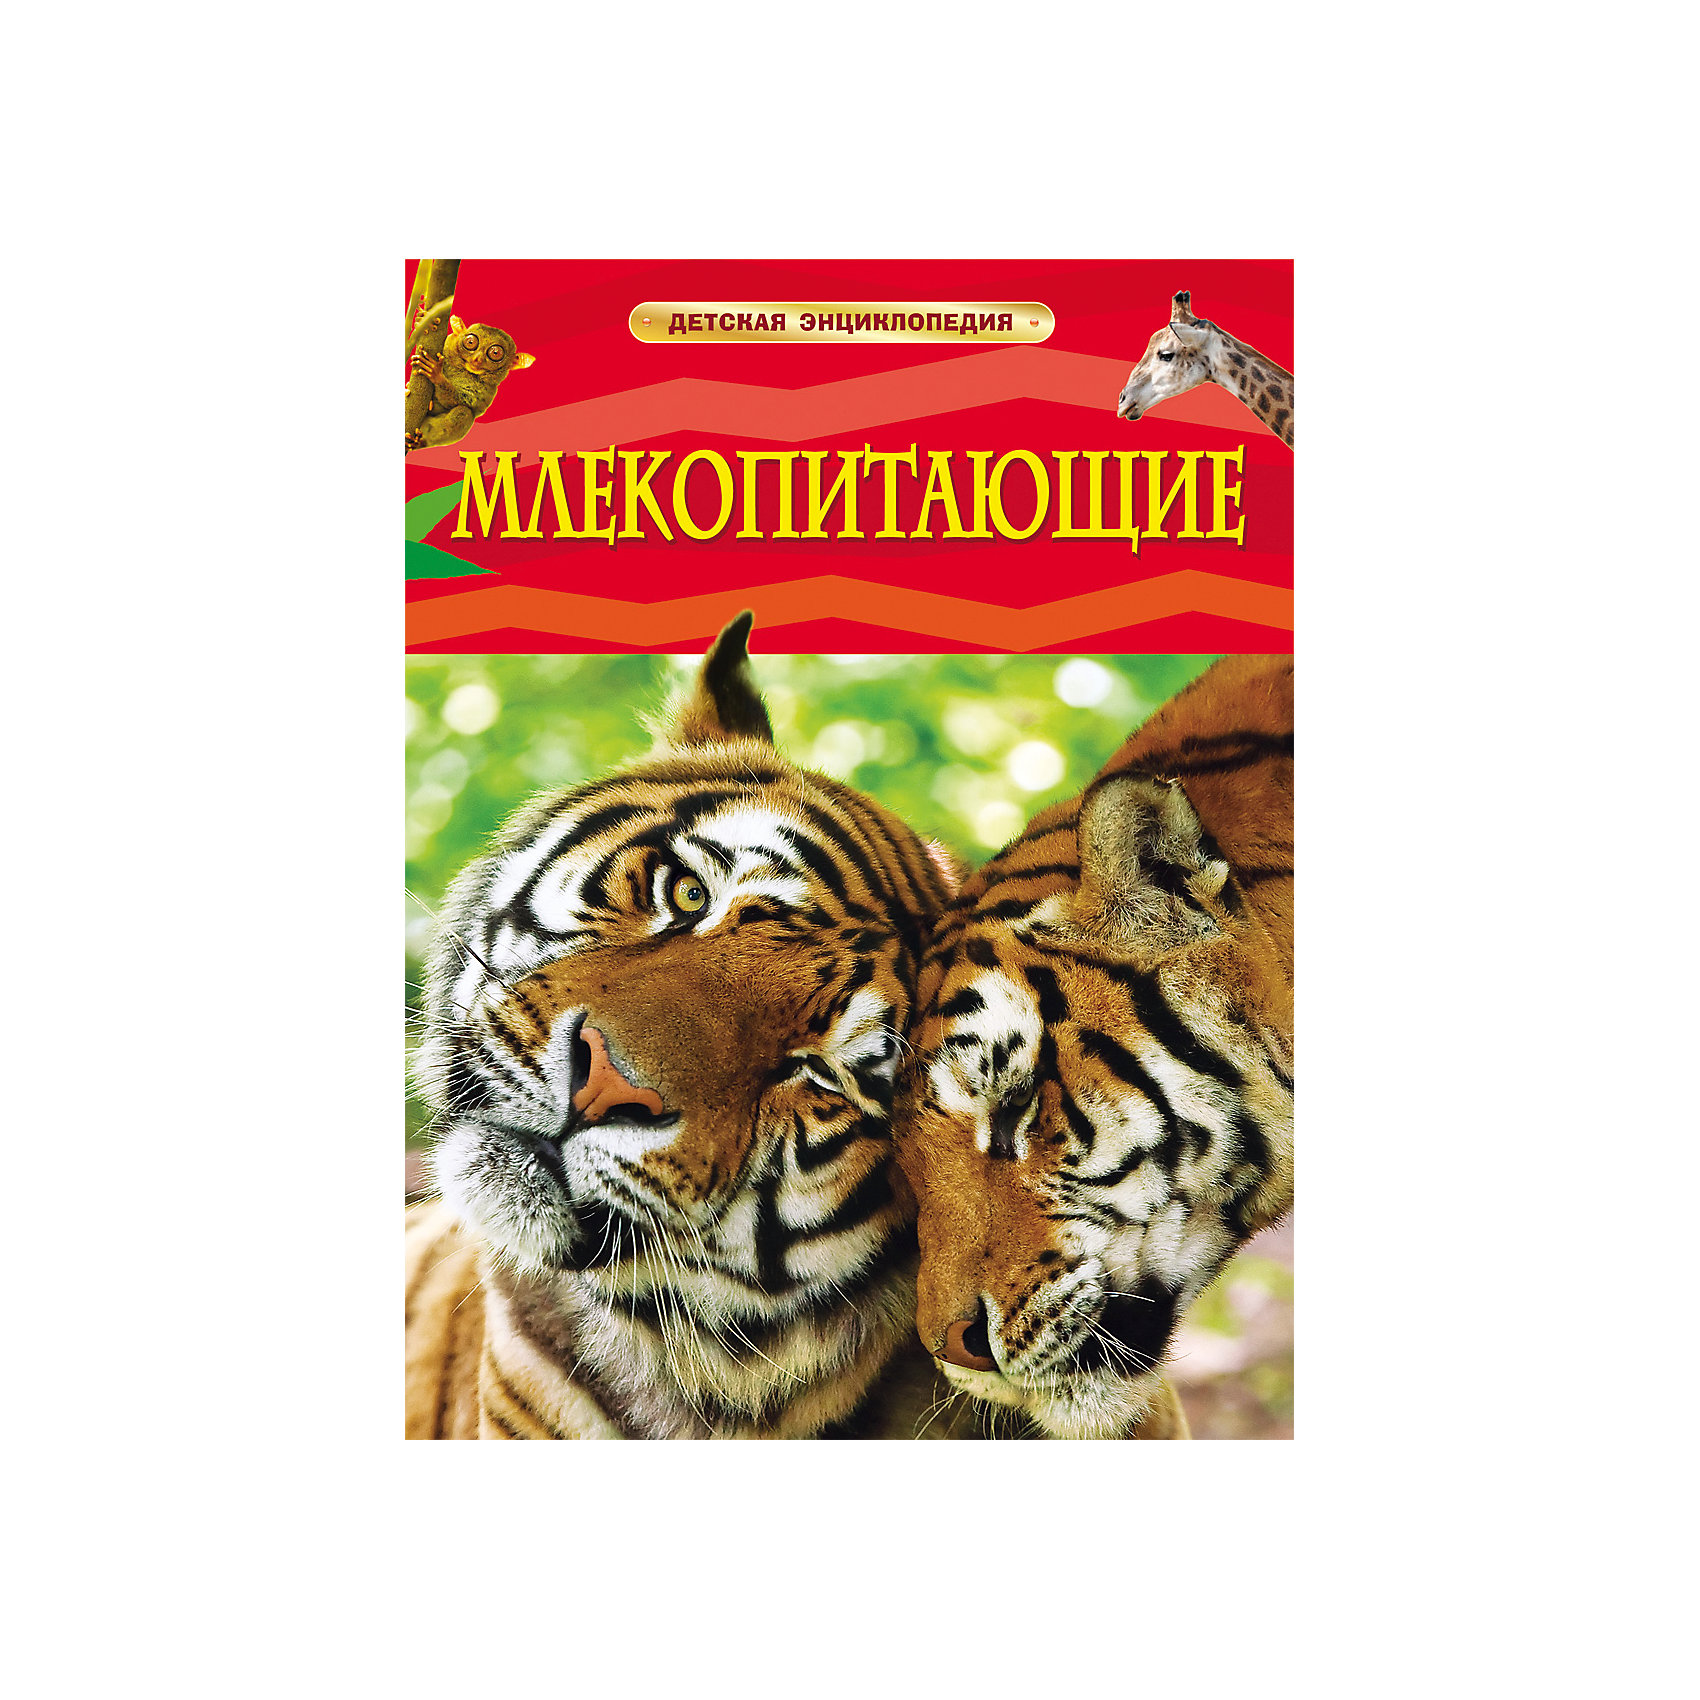 Млекопитающие, Детская энциклопедияХарактеристики товара:<br><br>- цвет: разноцветный;<br>- материал: бумага;<br>- страниц: 48;<br>- формат: 20 x 26 см;<br>- обложка: твердая;<br>- цветные иллюстрации.<br><br>Эта интересная книга с иллюстрациями станет отличным подарком для ребенка. Она содержит в себе ответы на вопросы, которые интересуют малышей. Всё представлено в очень простой форме! Талантливый иллюстратор дополнил книгу качественными рисунками, которые помогают ребенку понять суть многих вещей в нашем мире. Удивительные и интересные факты помогут привить любовь к учебе!<br>Чтение - отличный способ активизации мышления, оно помогает ребенку развивать зрительную память, концентрацию внимания и воображение. Издание произведено из качественных материалов, которые безопасны даже для самых маленьких.<br><br>Книгу Млекопитающие, Детская энциклопедия от компании Росмэн можно купить в нашем интернет-магазине.<br><br>Ширина мм: 265<br>Глубина мм: 205<br>Высота мм: 5<br>Вес г: 337<br>Возраст от месяцев: 60<br>Возраст до месяцев: 84<br>Пол: Унисекс<br>Возраст: Детский<br>SKU: 5109969